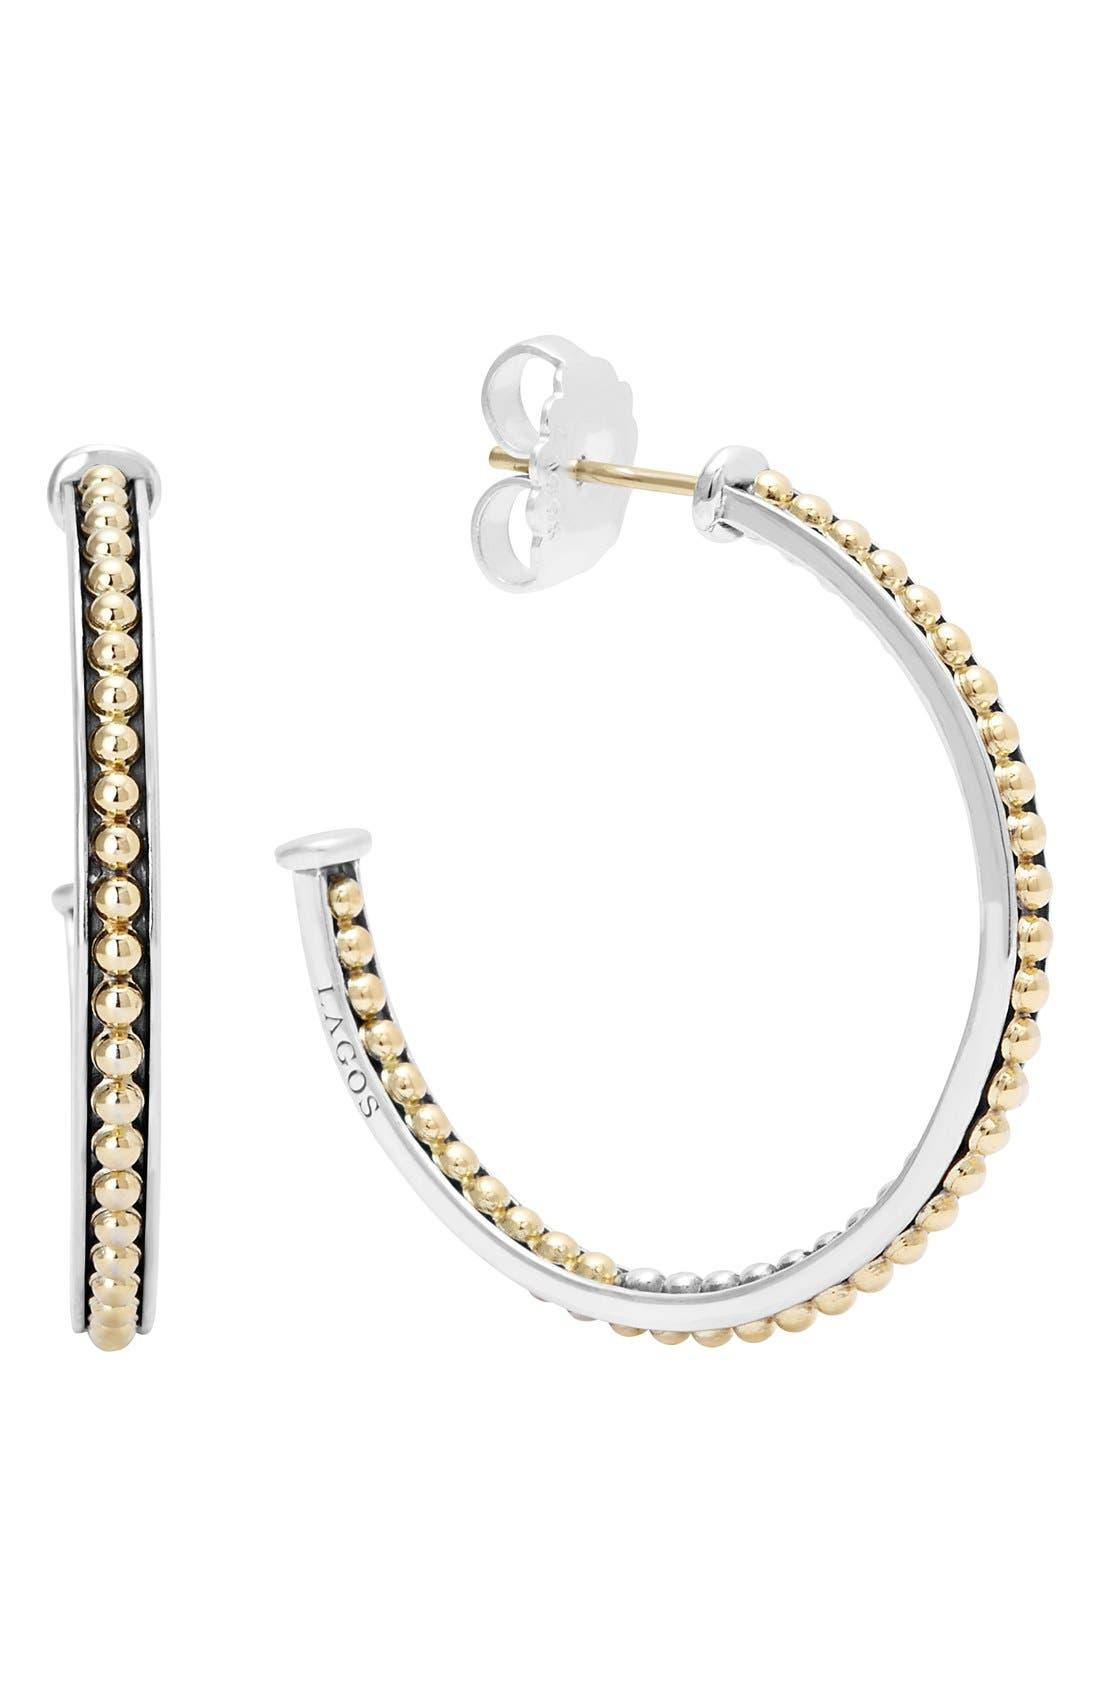 Main Image - LAGOS 'Enso' Caviar Hoop Earrings